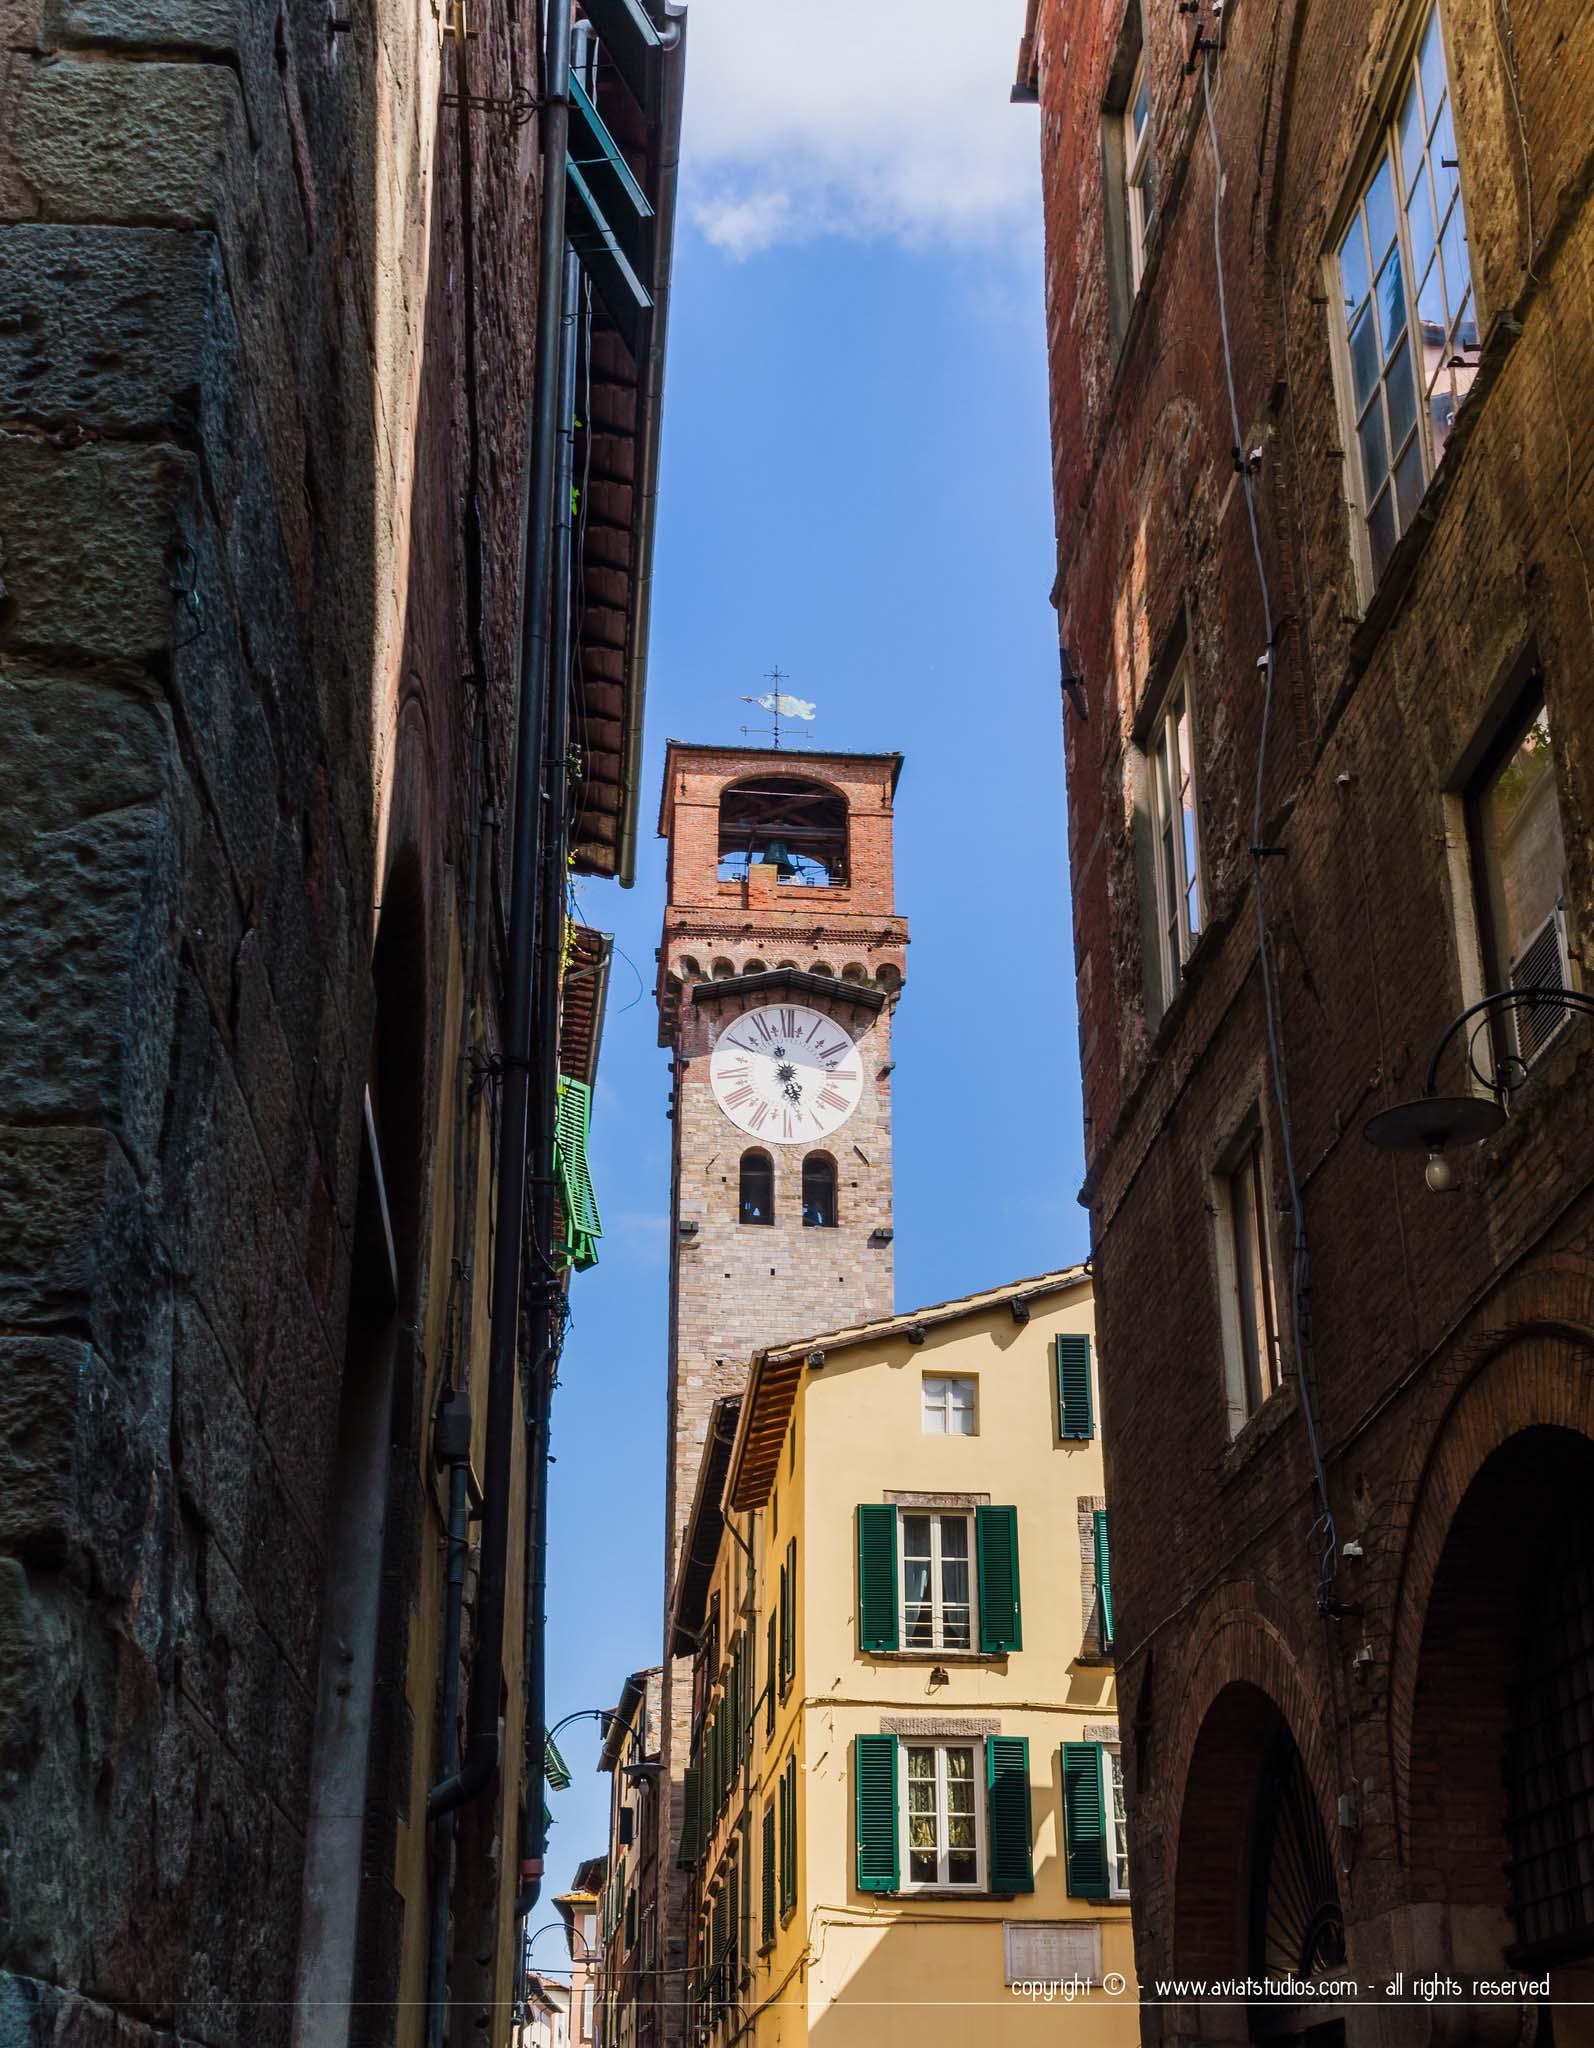 journée à Lucca - La Torre delle Ore s'élevant dans le ciel bleu